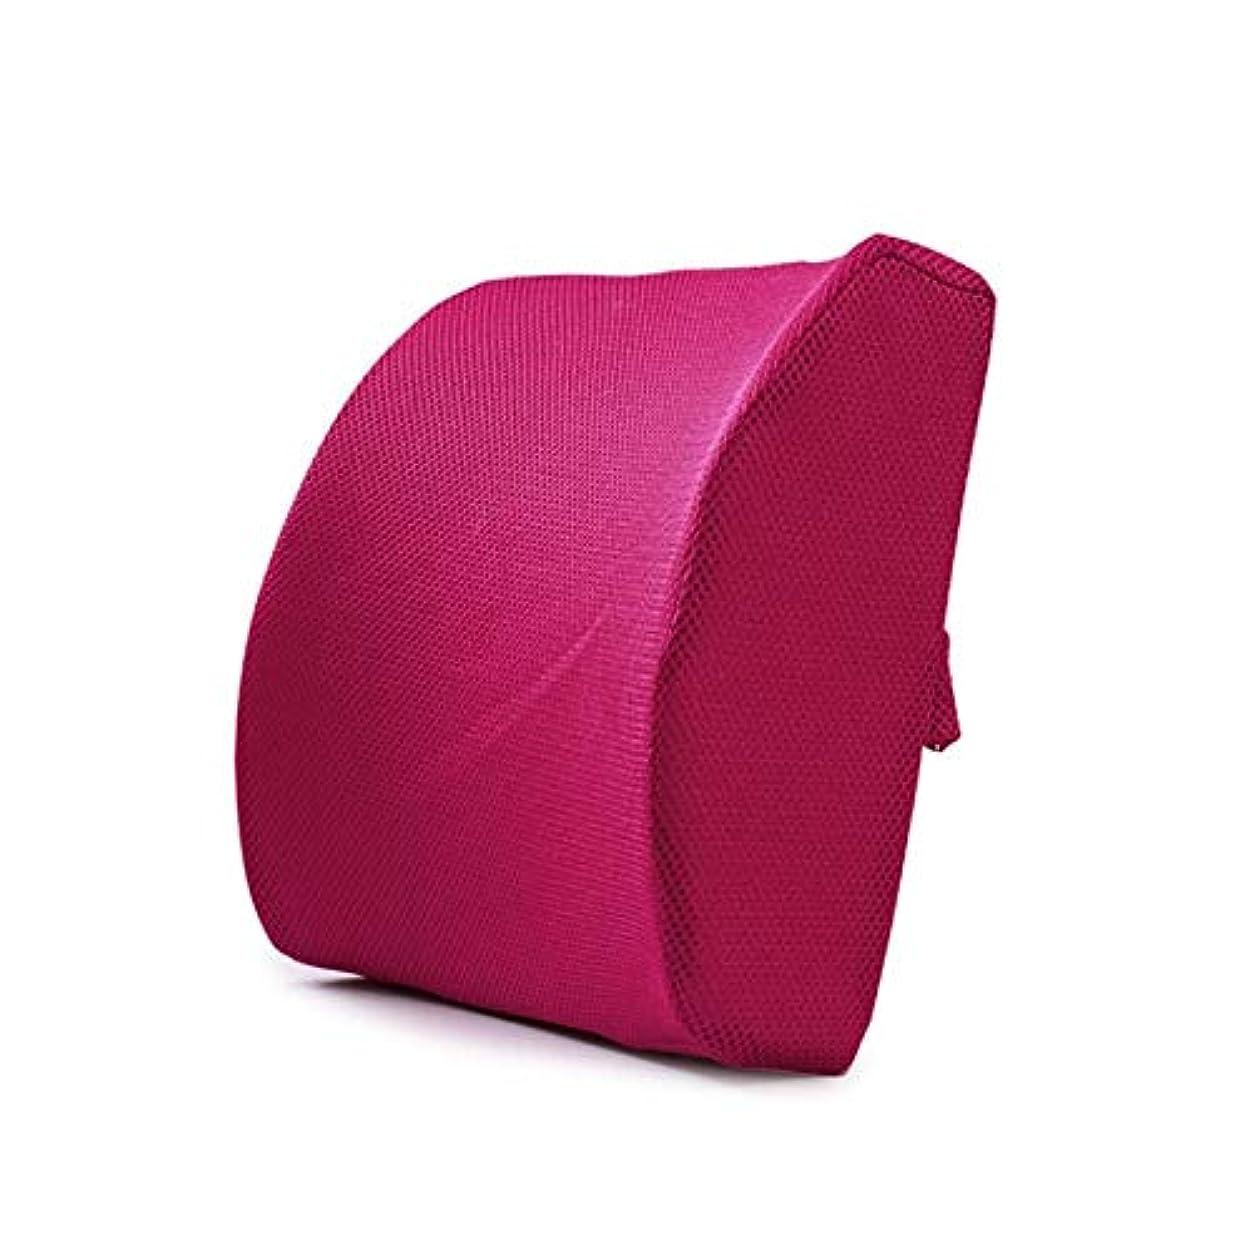 摂氏仲人ペルーLIFE ホームオフィス背もたれ椅子腰椎クッションカーシートネック枕 3D 低反発サポートバックマッサージウエストレスリビング枕 クッション 椅子